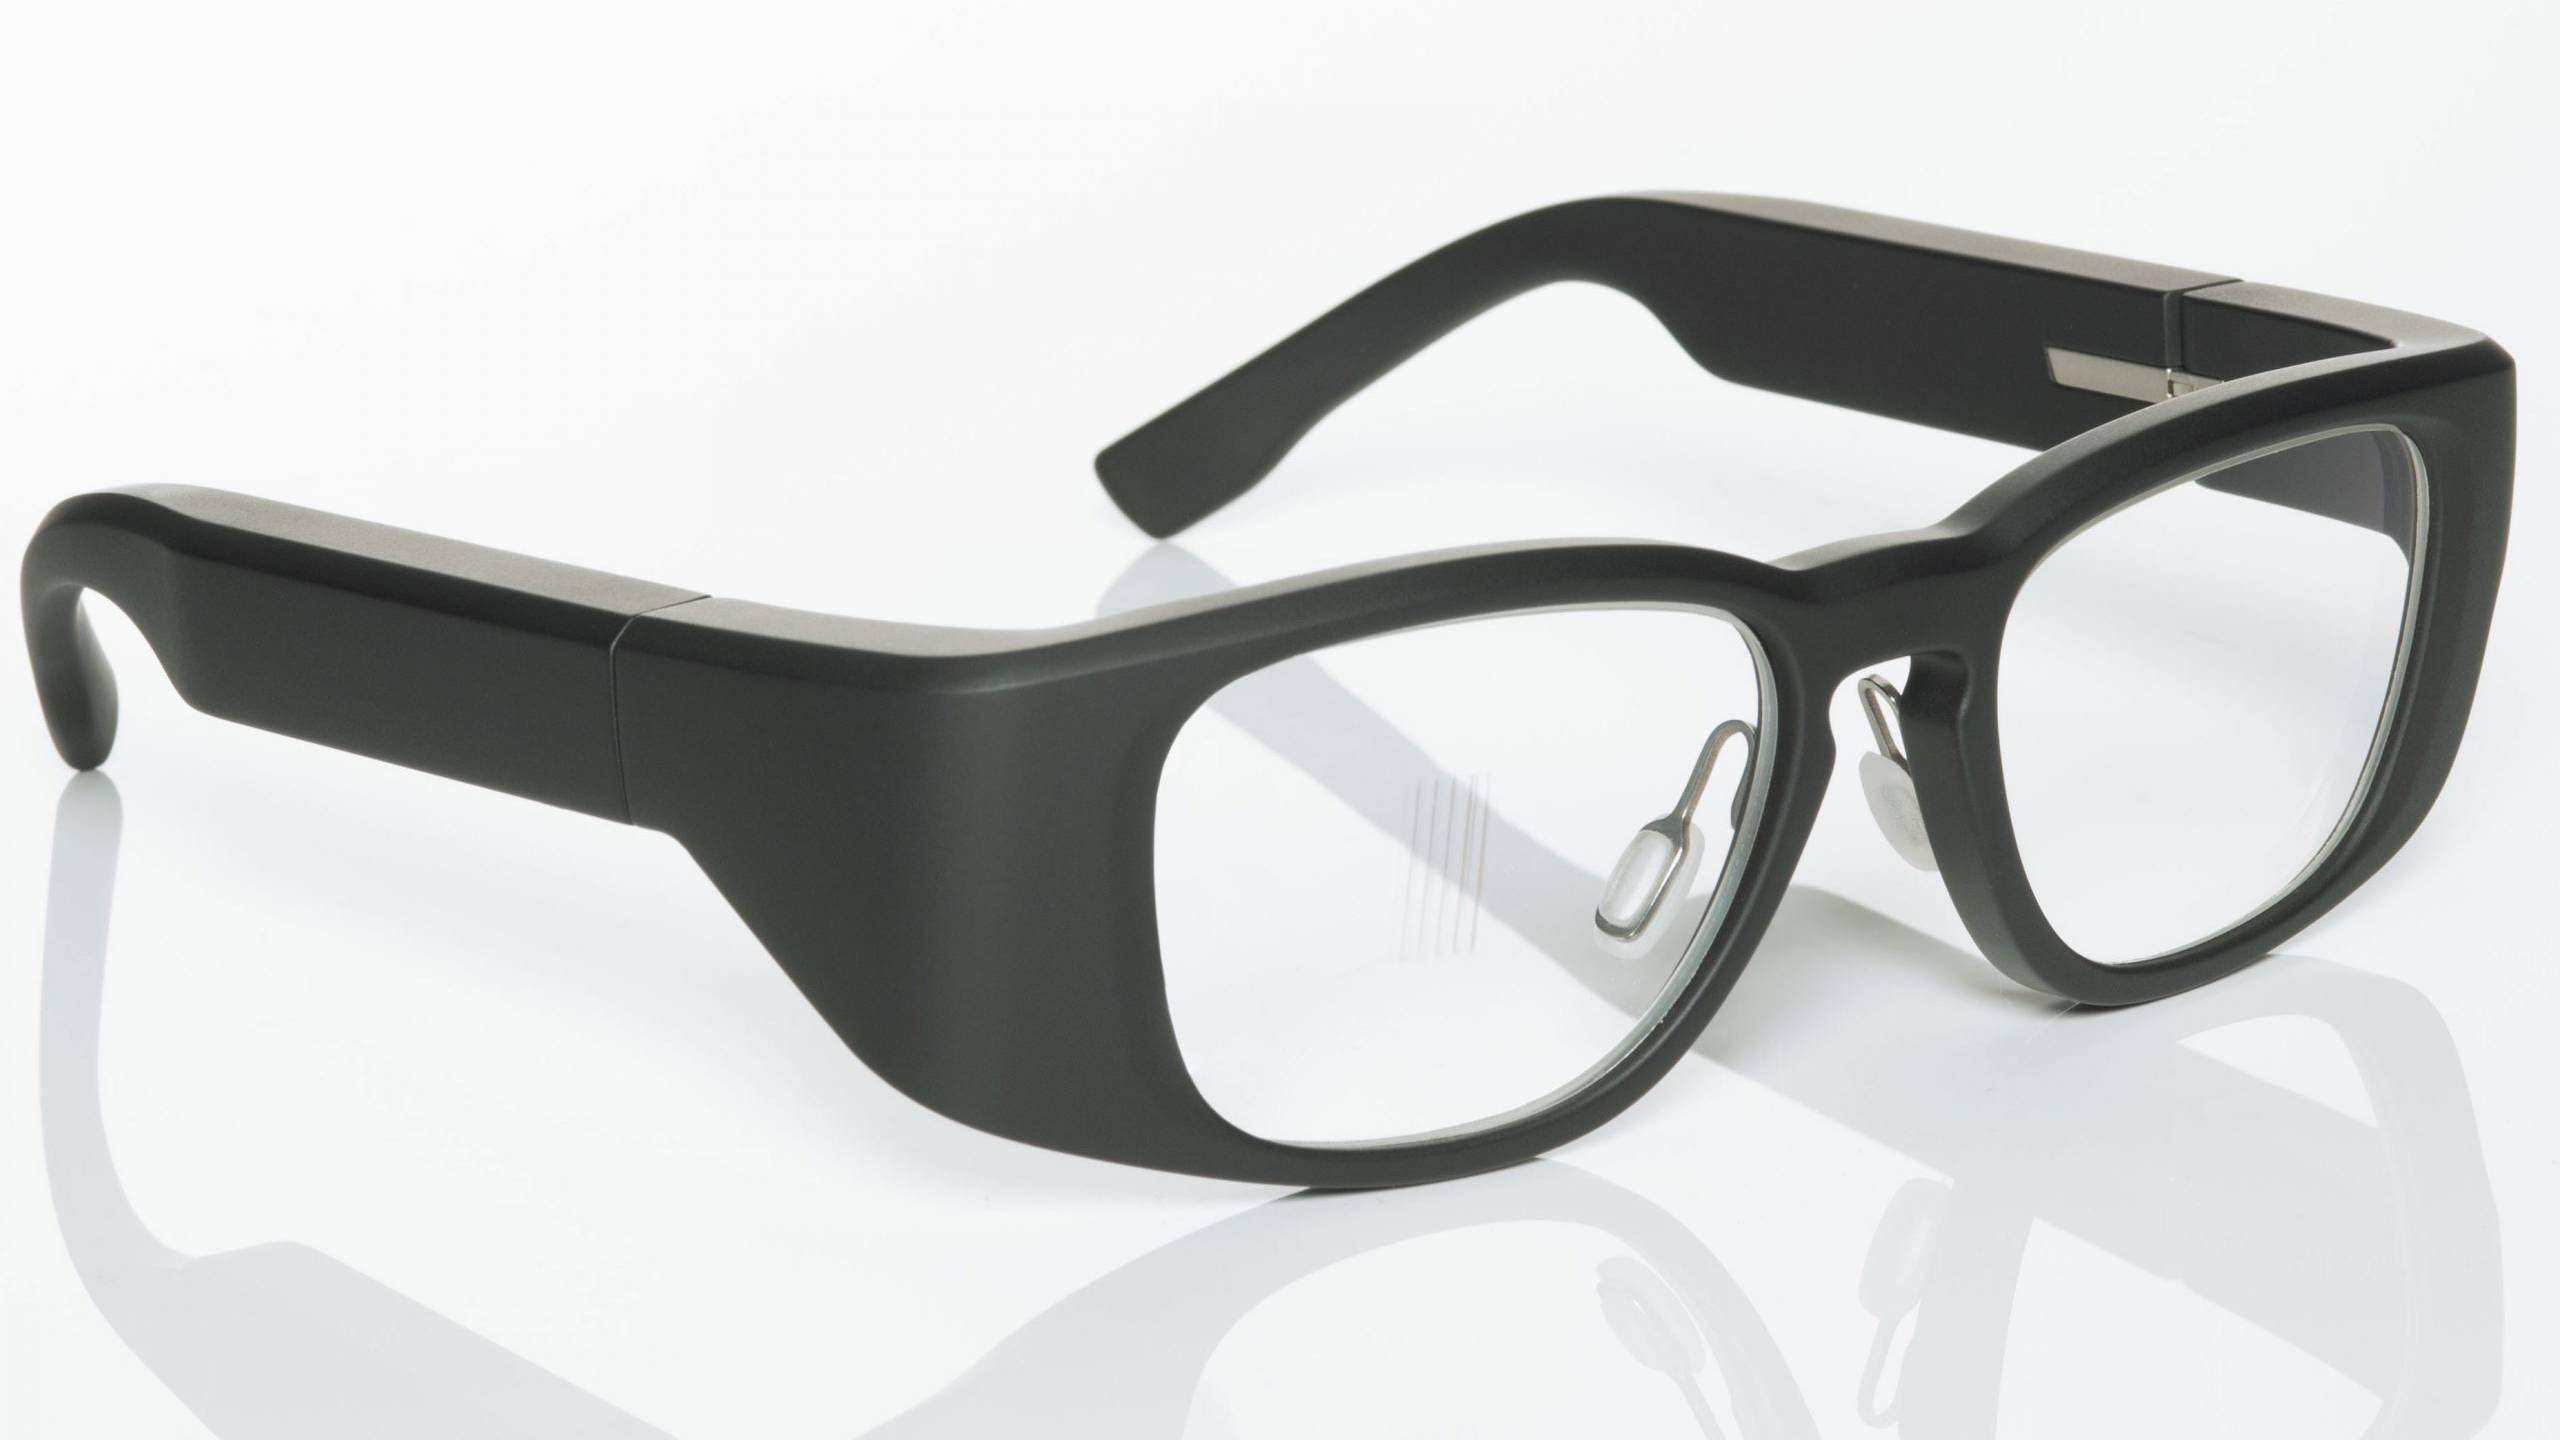 tooz Smartbrille von links vorne